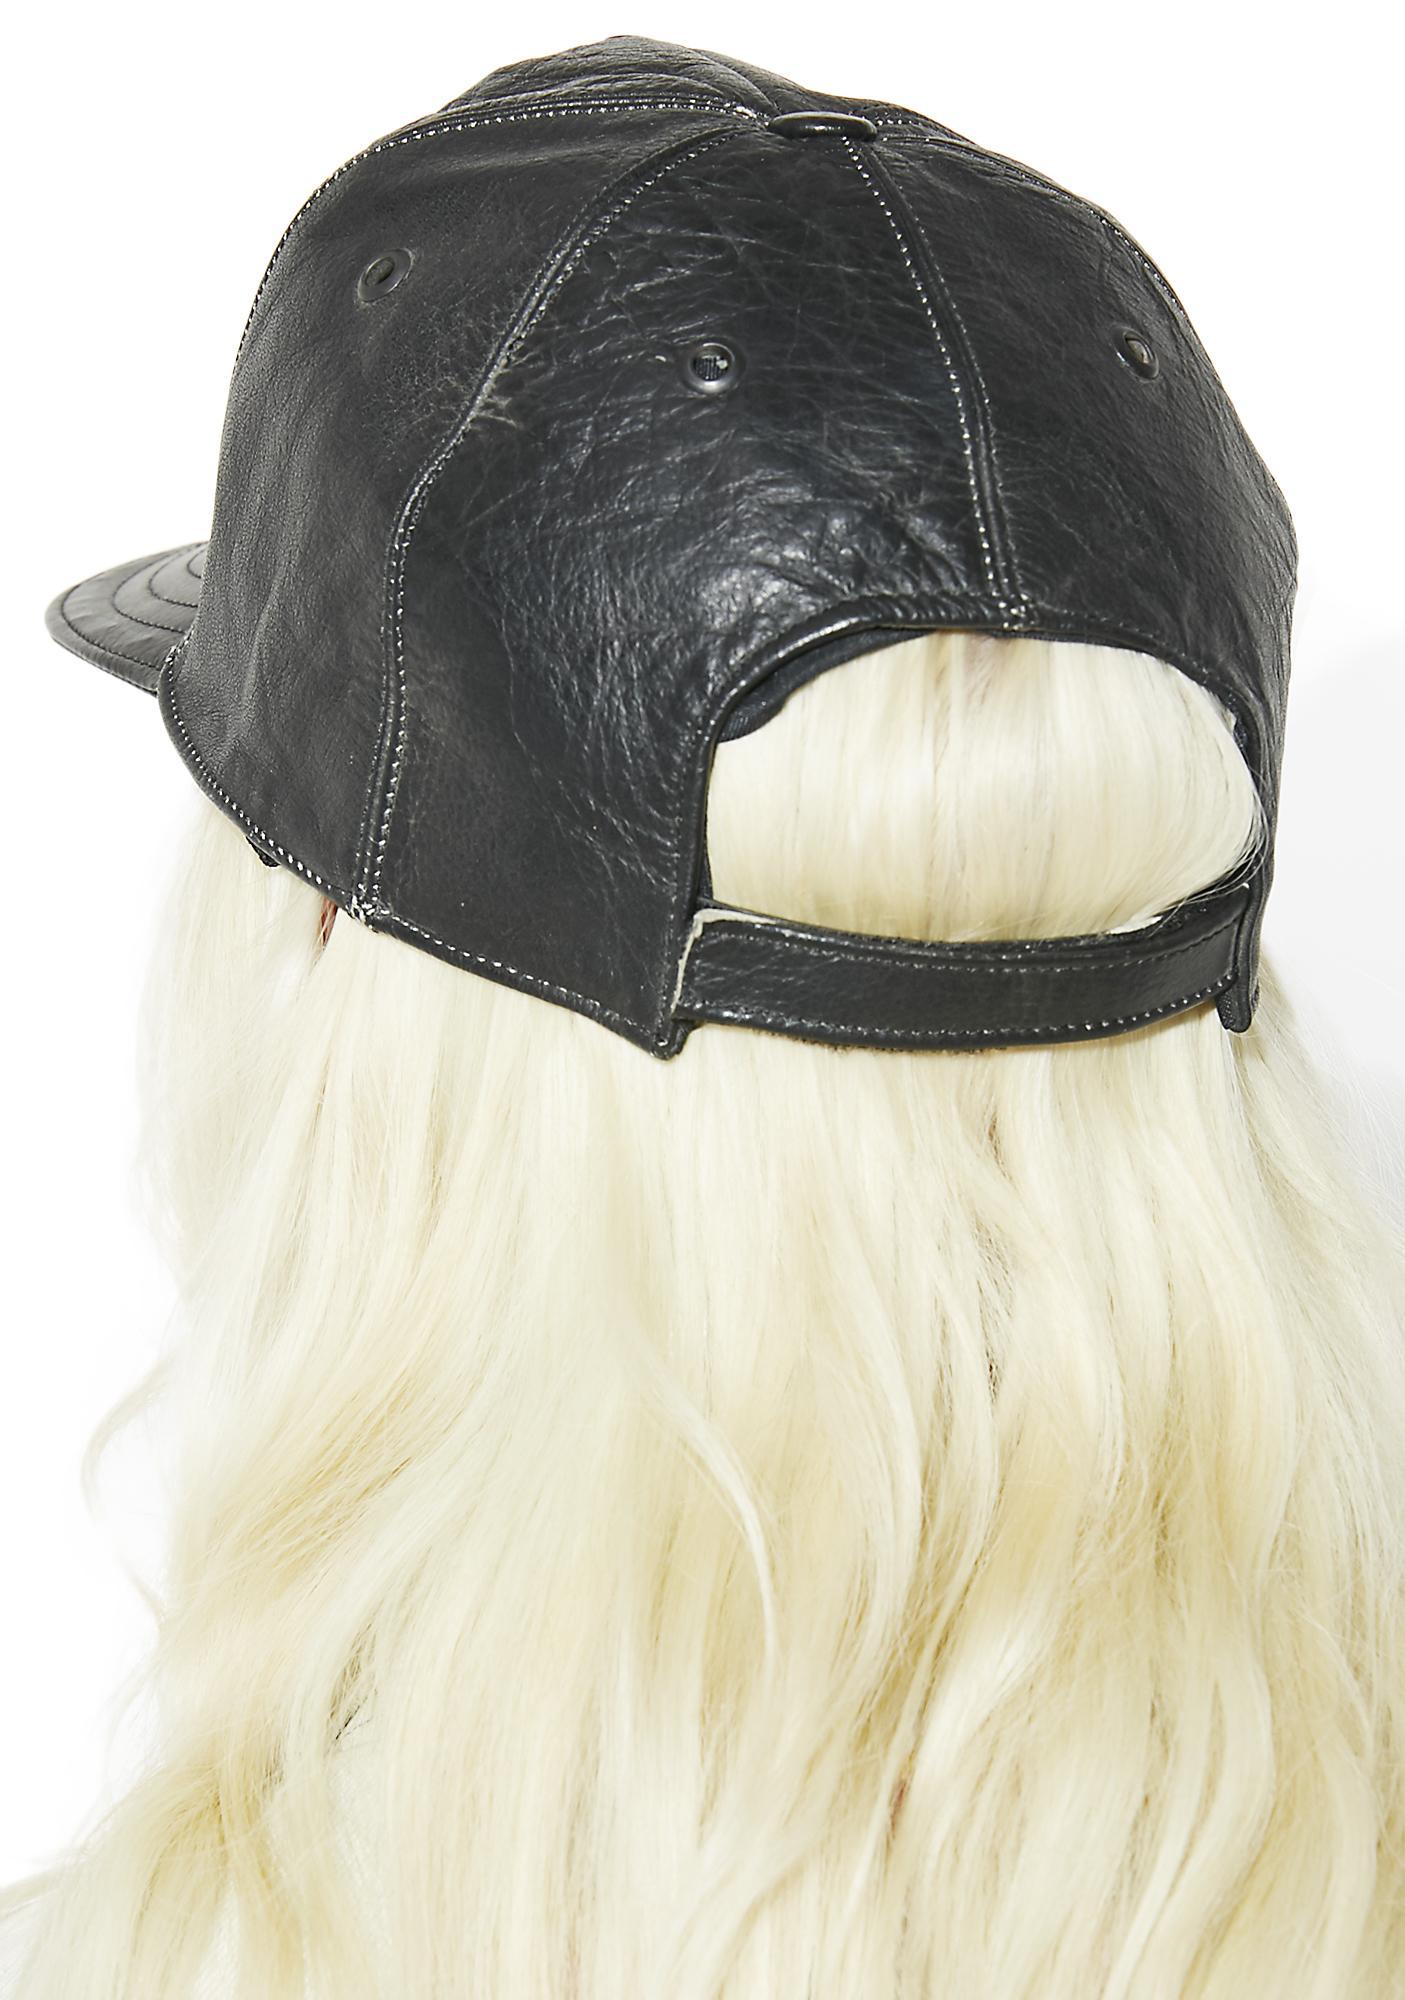 Vintage Harley Leather Hat